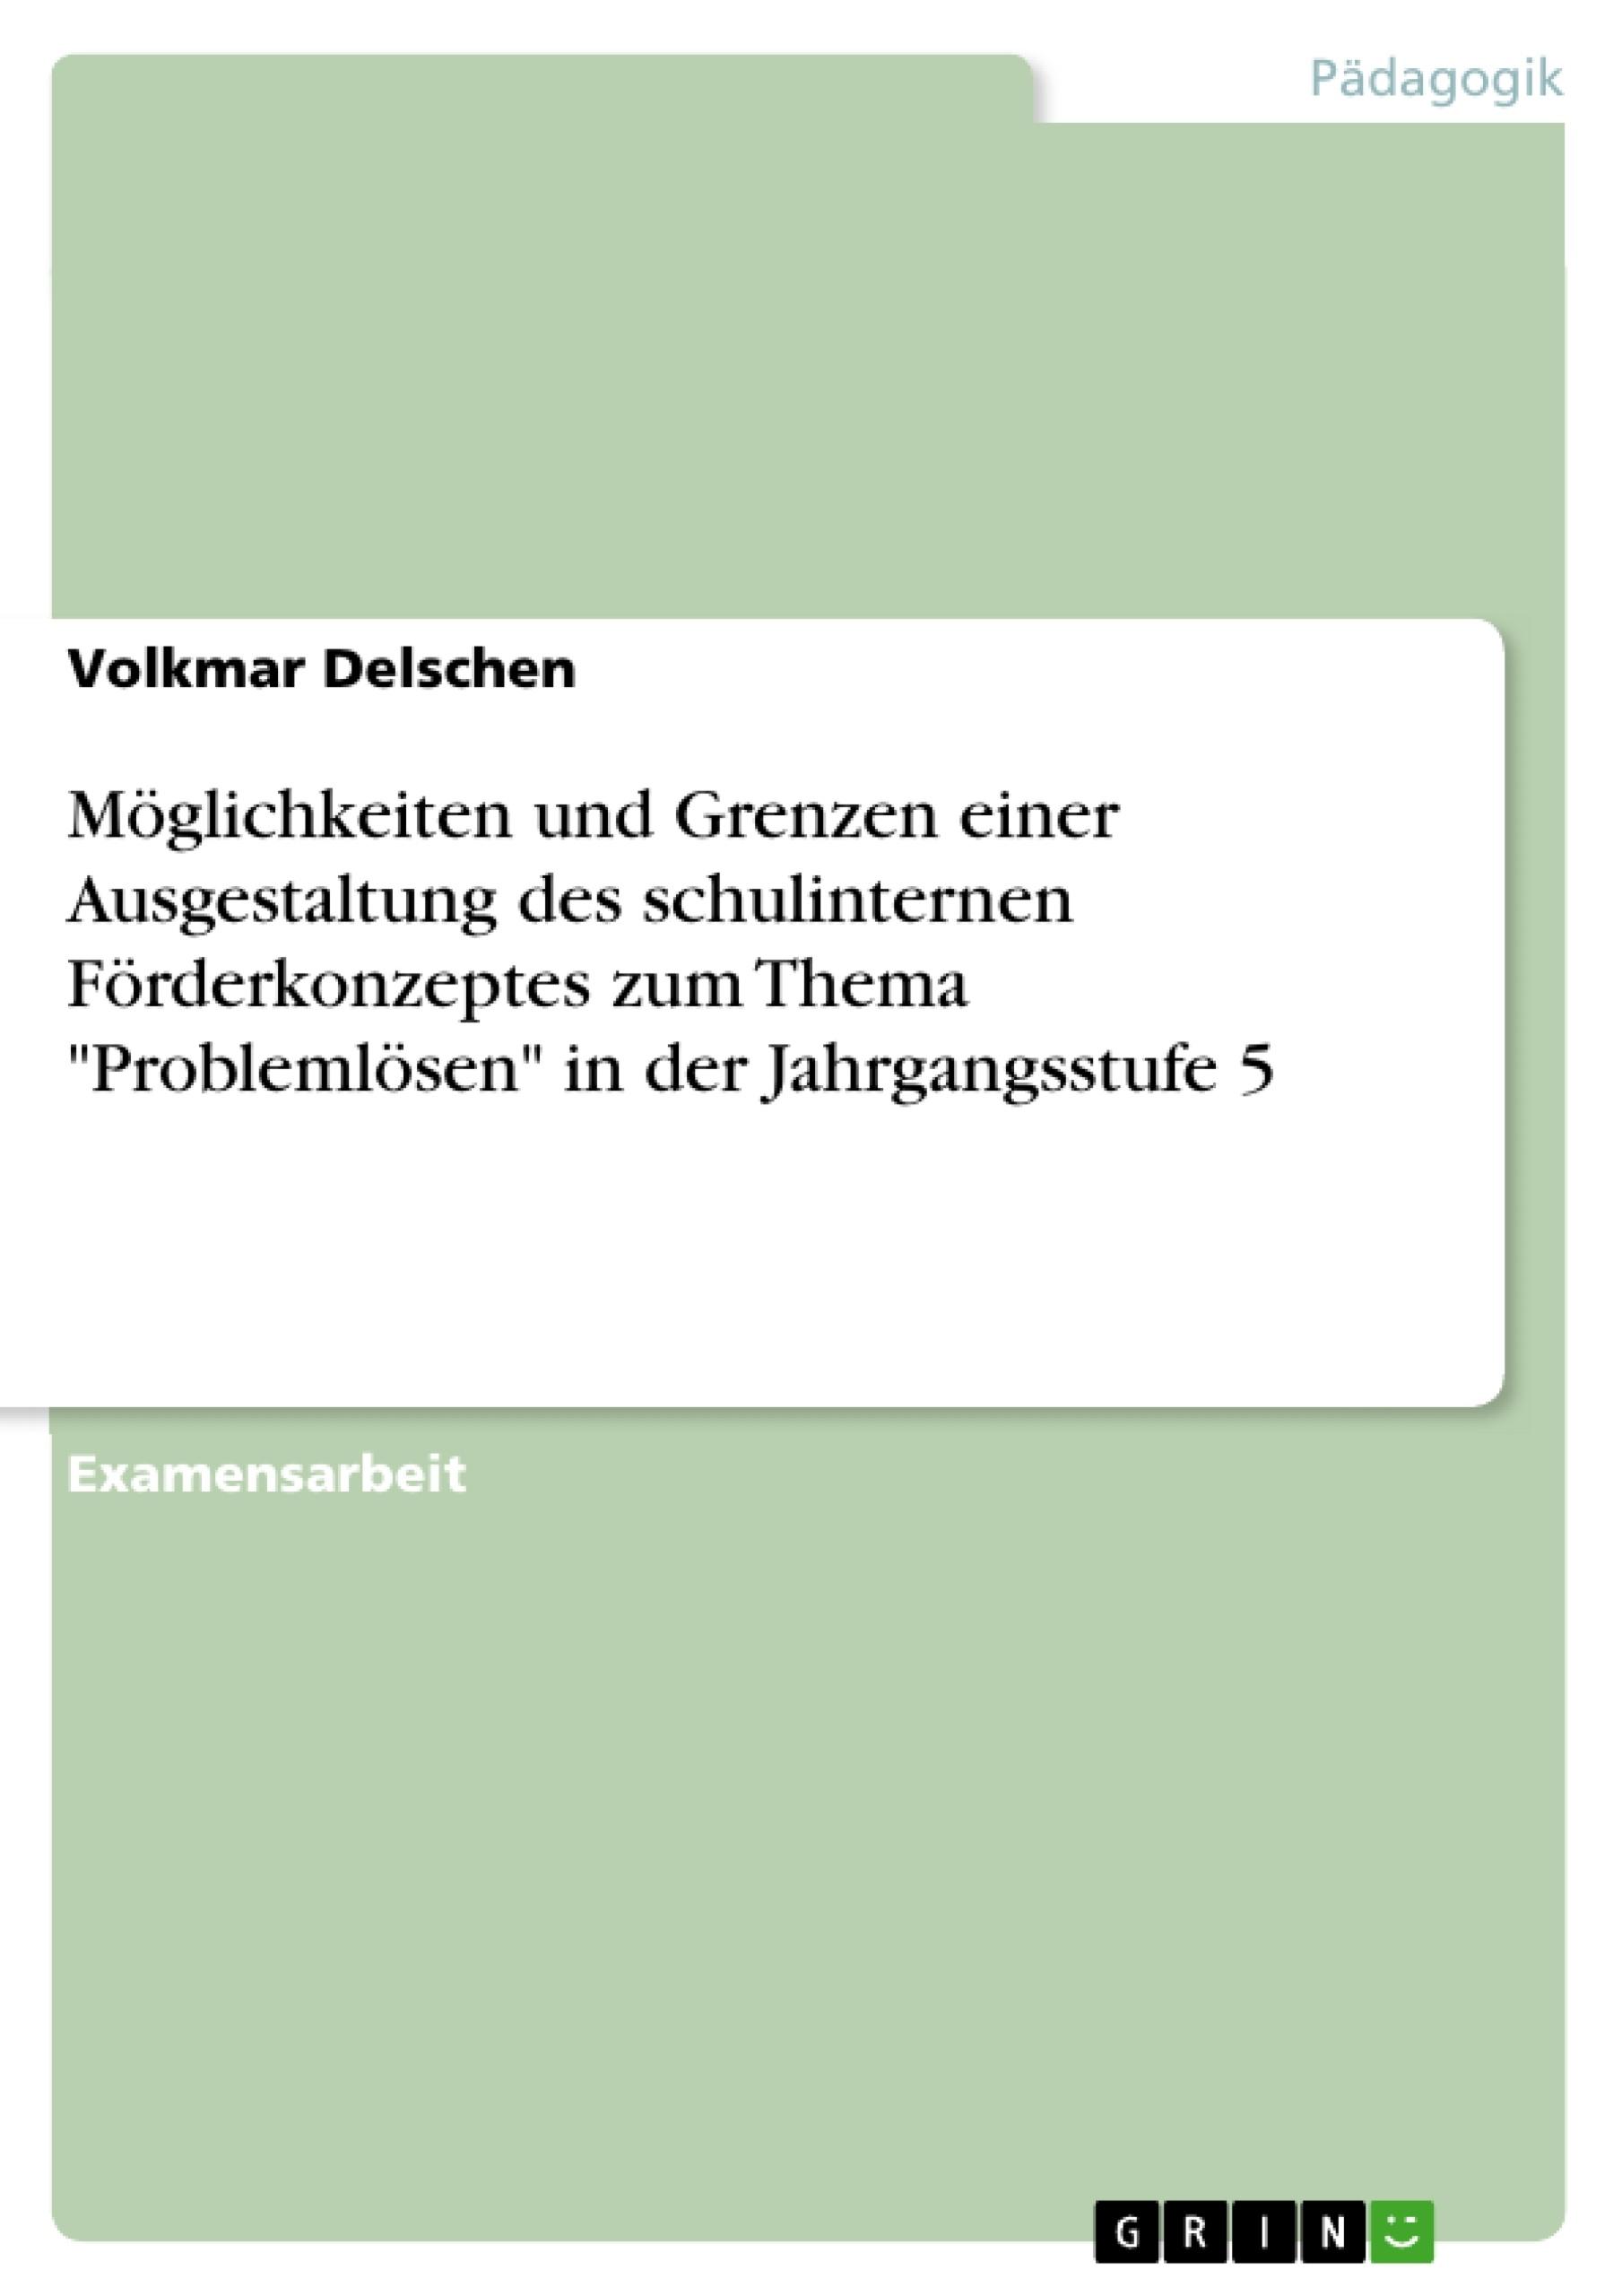 """Titel: Möglichkeiten und Grenzen einer Ausgestaltung des schulinternen Förderkonzeptes zum Thema """"Problemlösen"""" in der Jahrgangsstufe 5"""